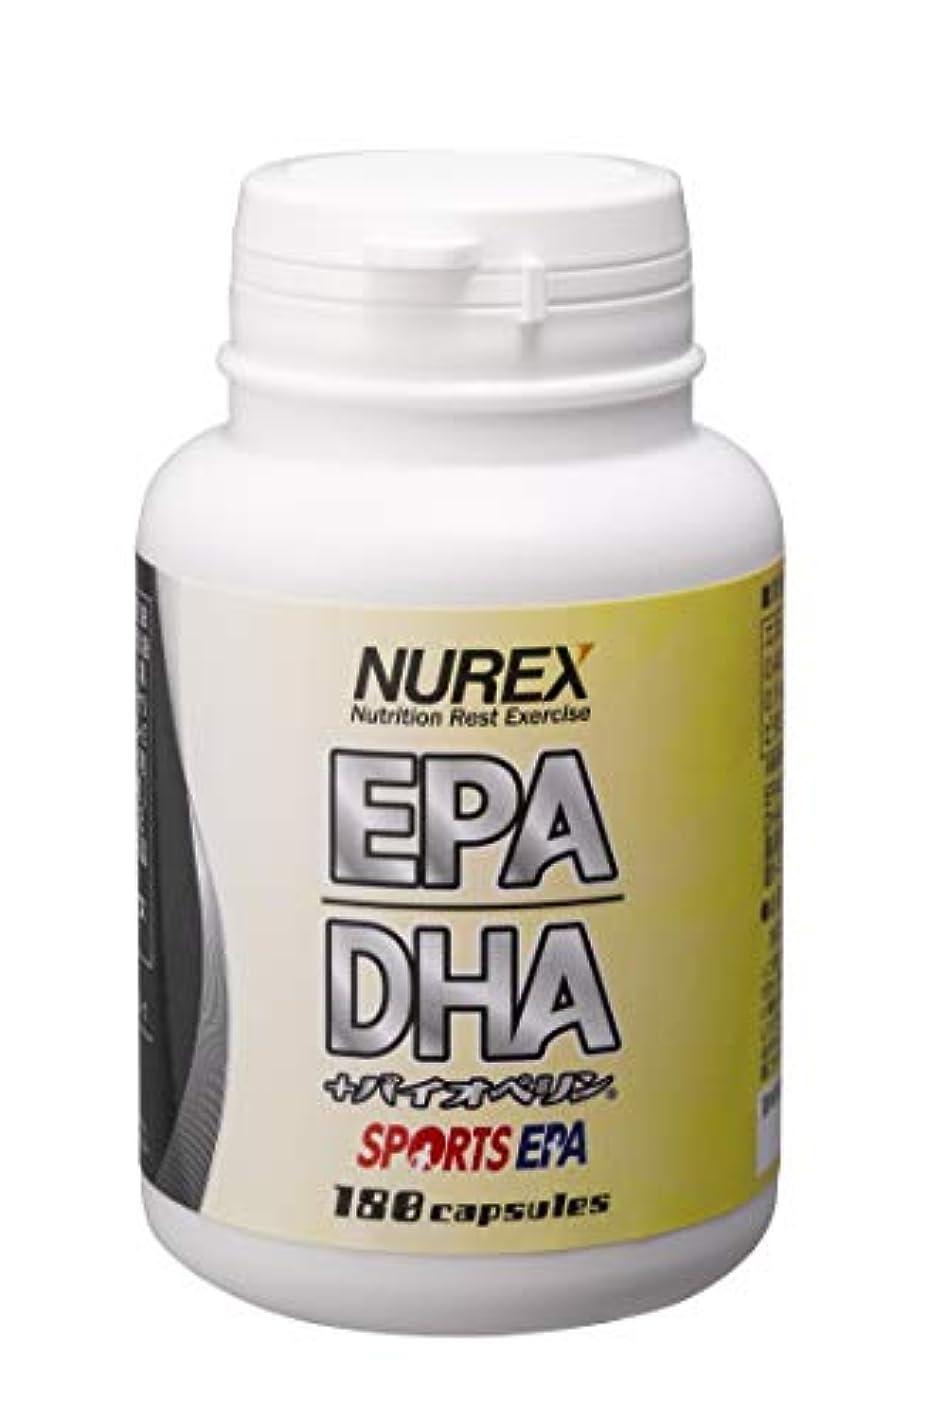 聖歌資格使用法EPA/DHA+バイオぺリン180粒